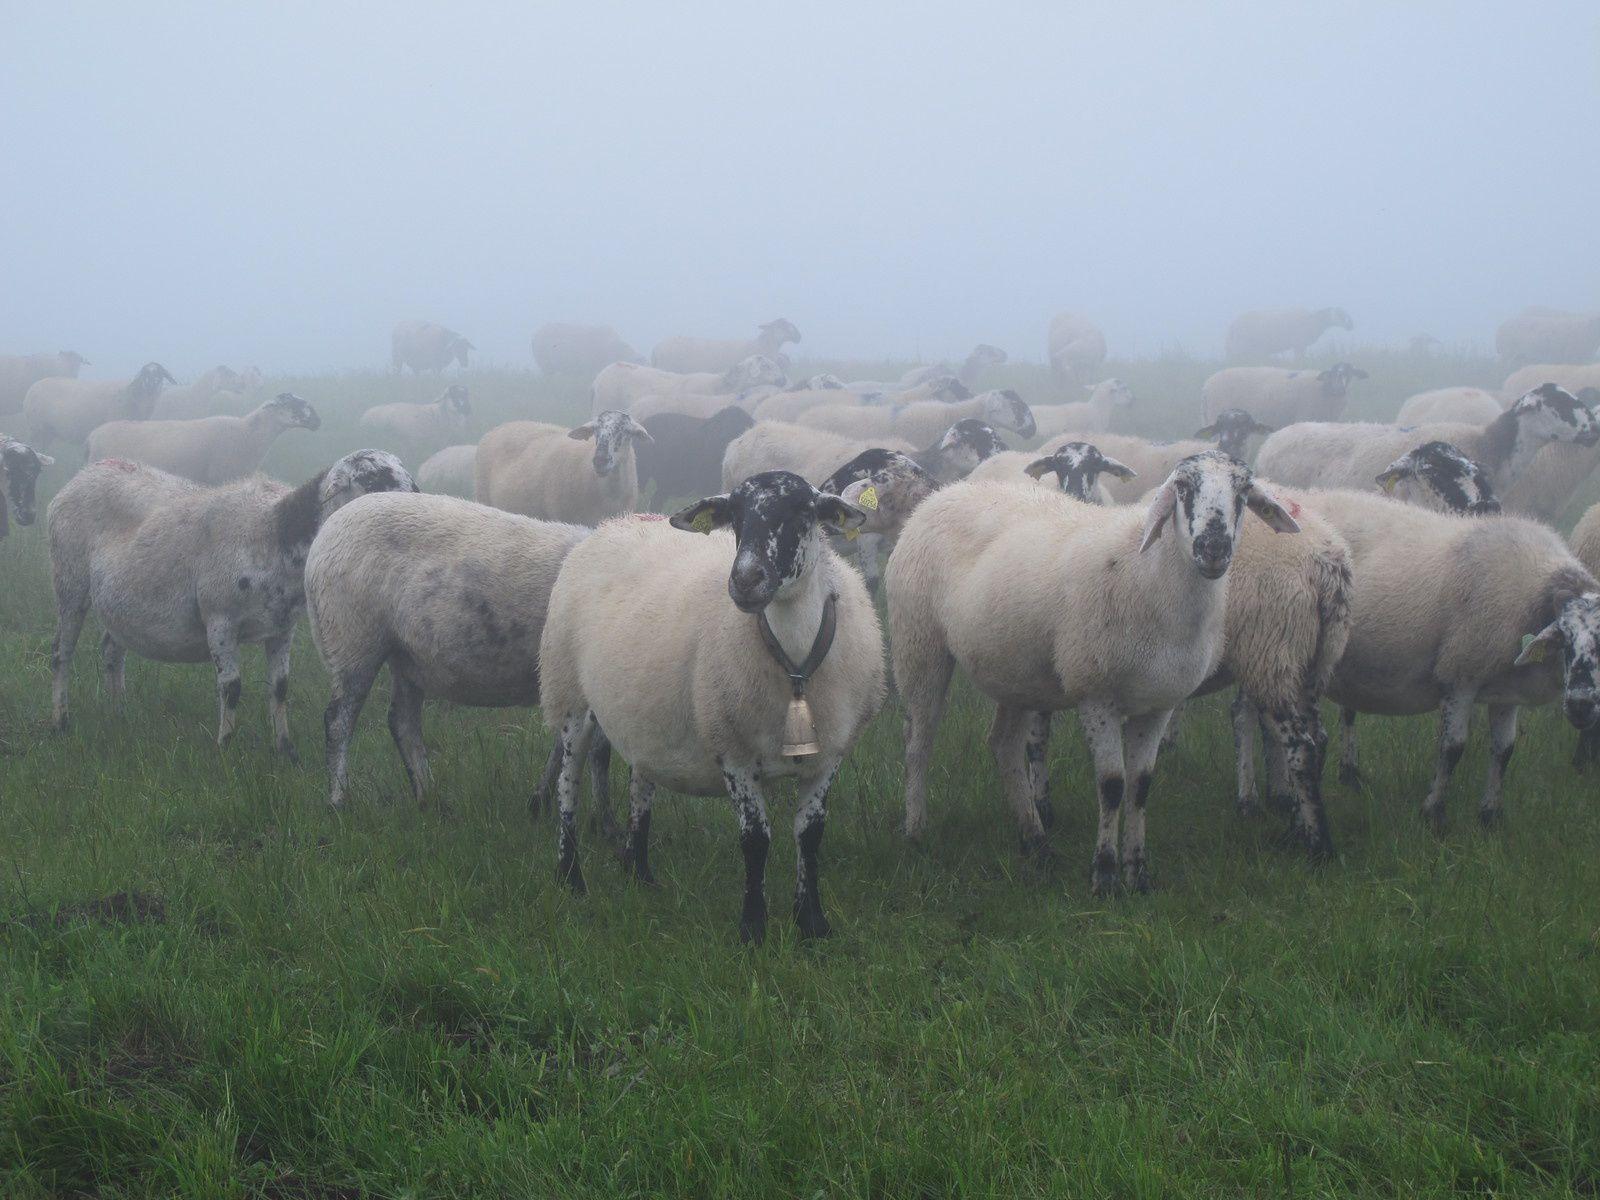 Même les brebis sont surprises de voir surgir de la brume des randonneurs !